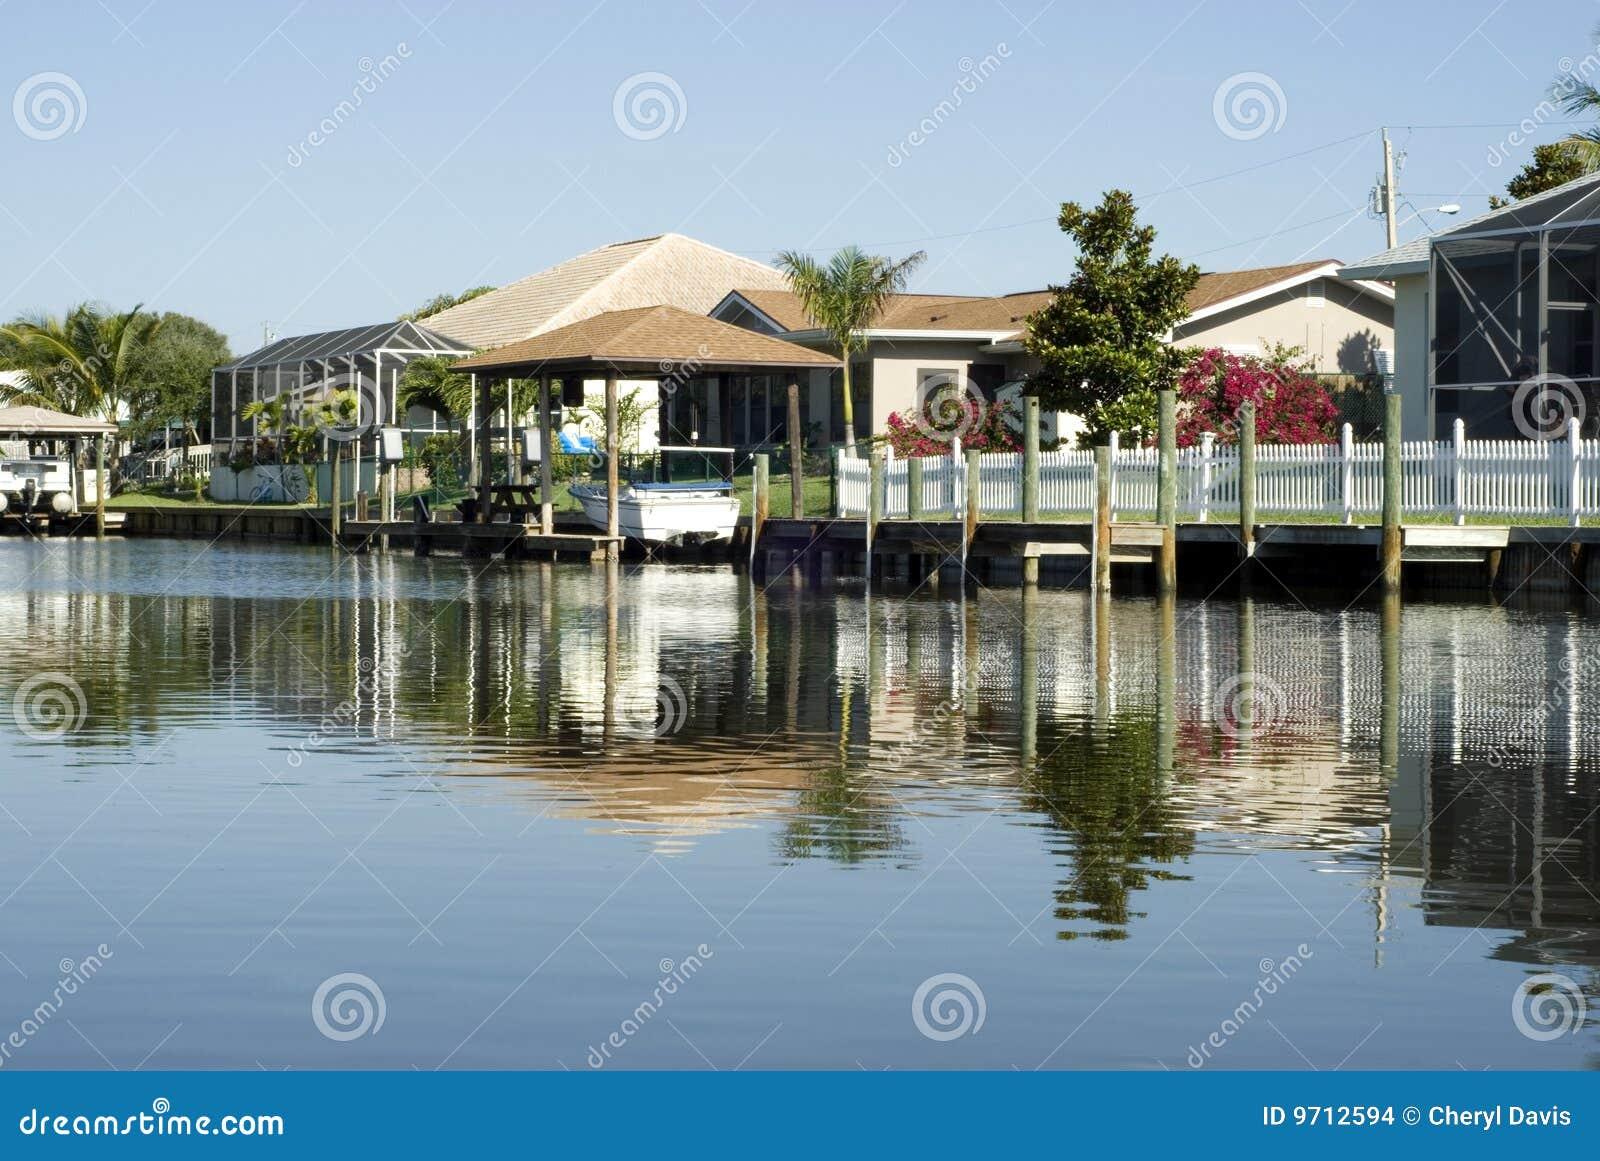 Wasser ReflectionTropical Häuser und Boots-Docks